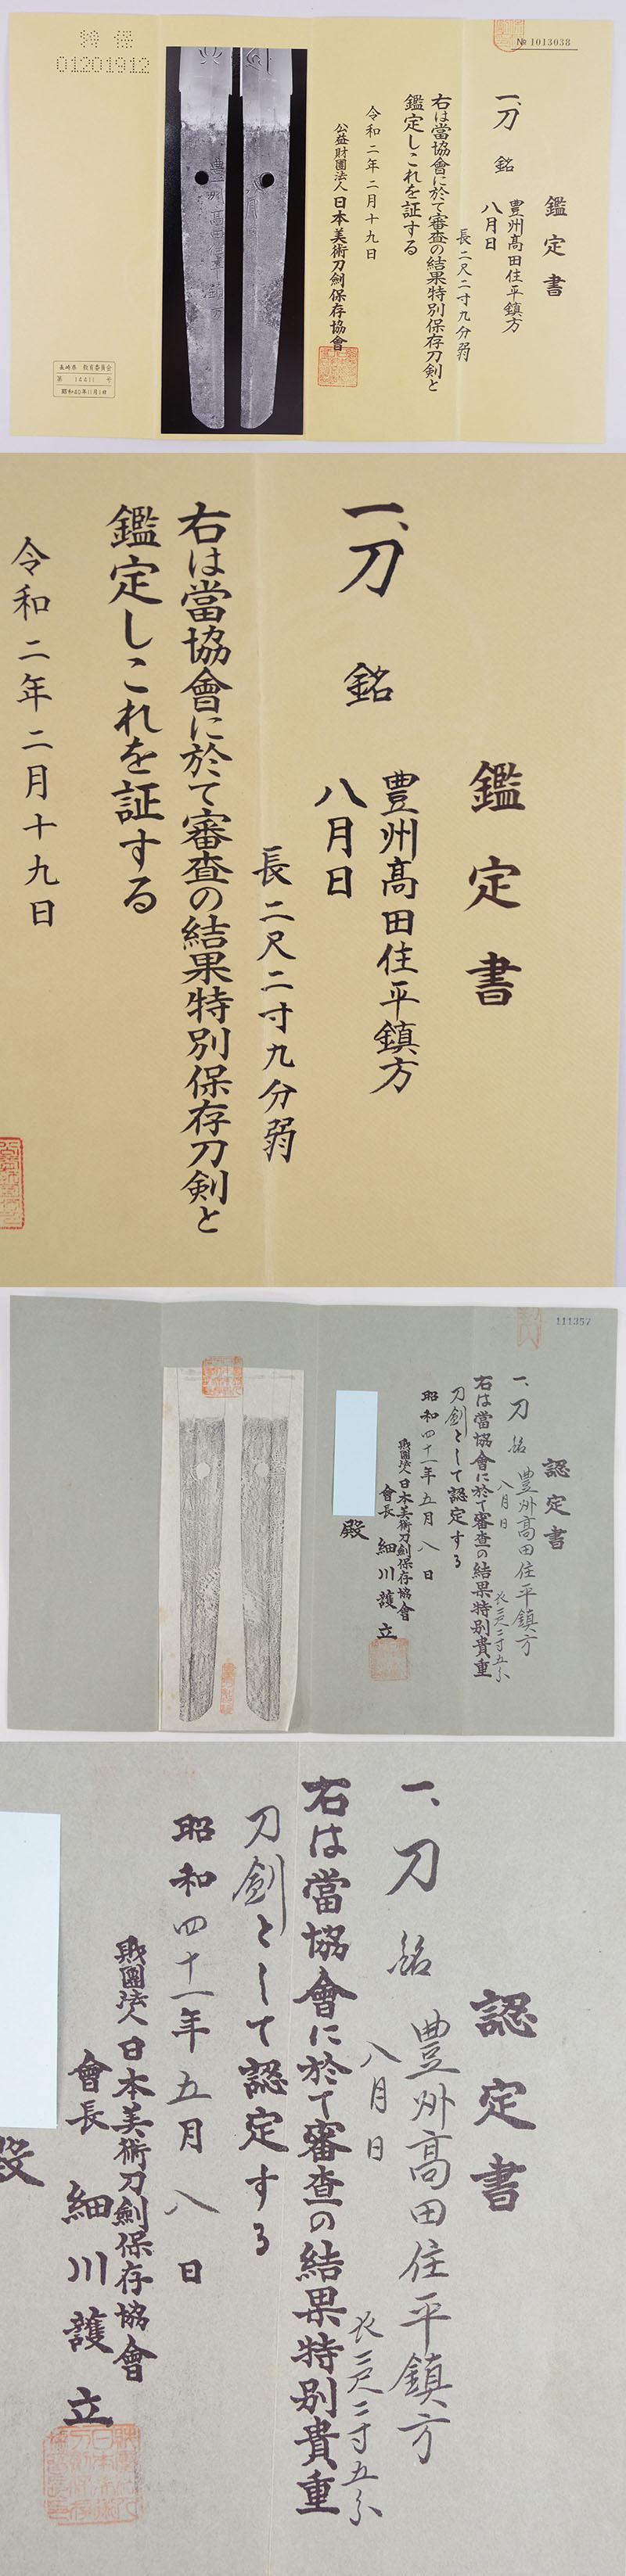 刀 豊洲髙田住平鎮方(平高田)(彫倶利伽羅)    八月日 Picture of Certificate